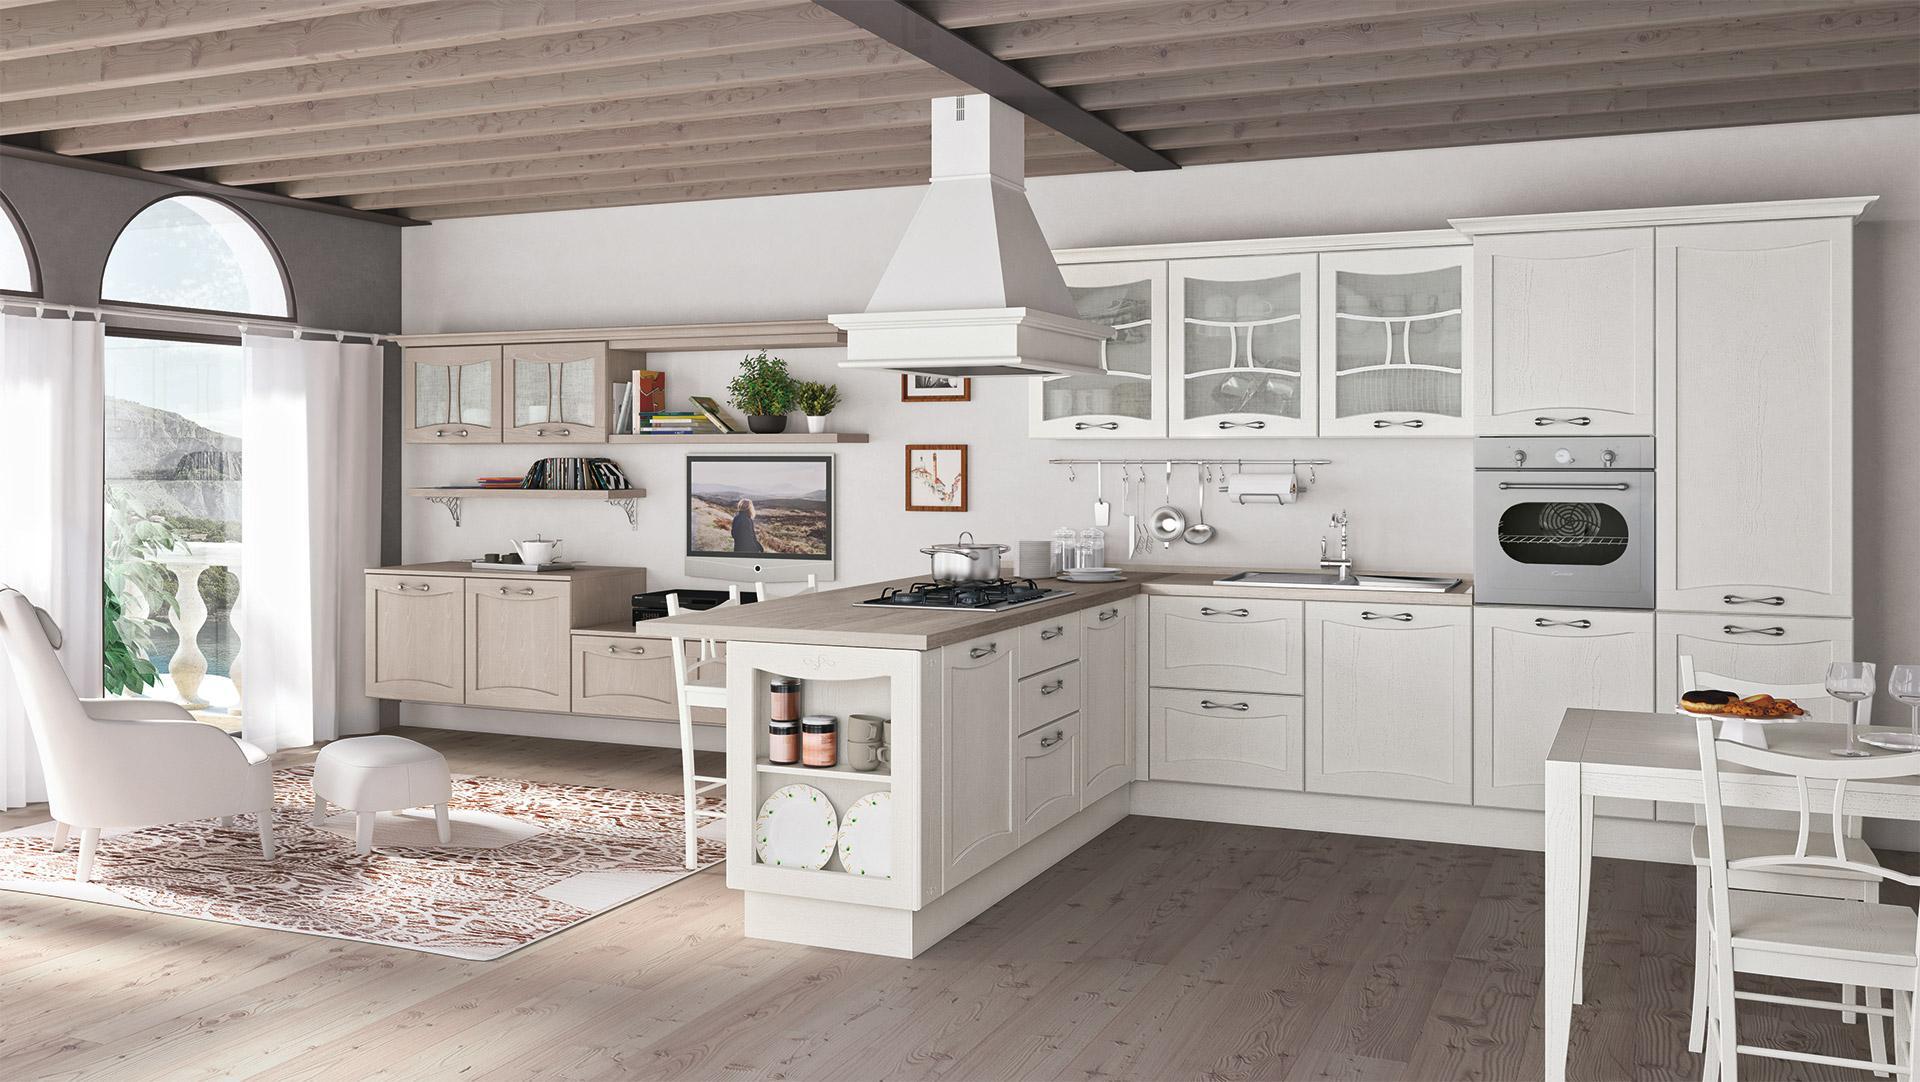 Negozi Di Mobili Catania negozio mobili per cucina -store creo kitchens - samamobil